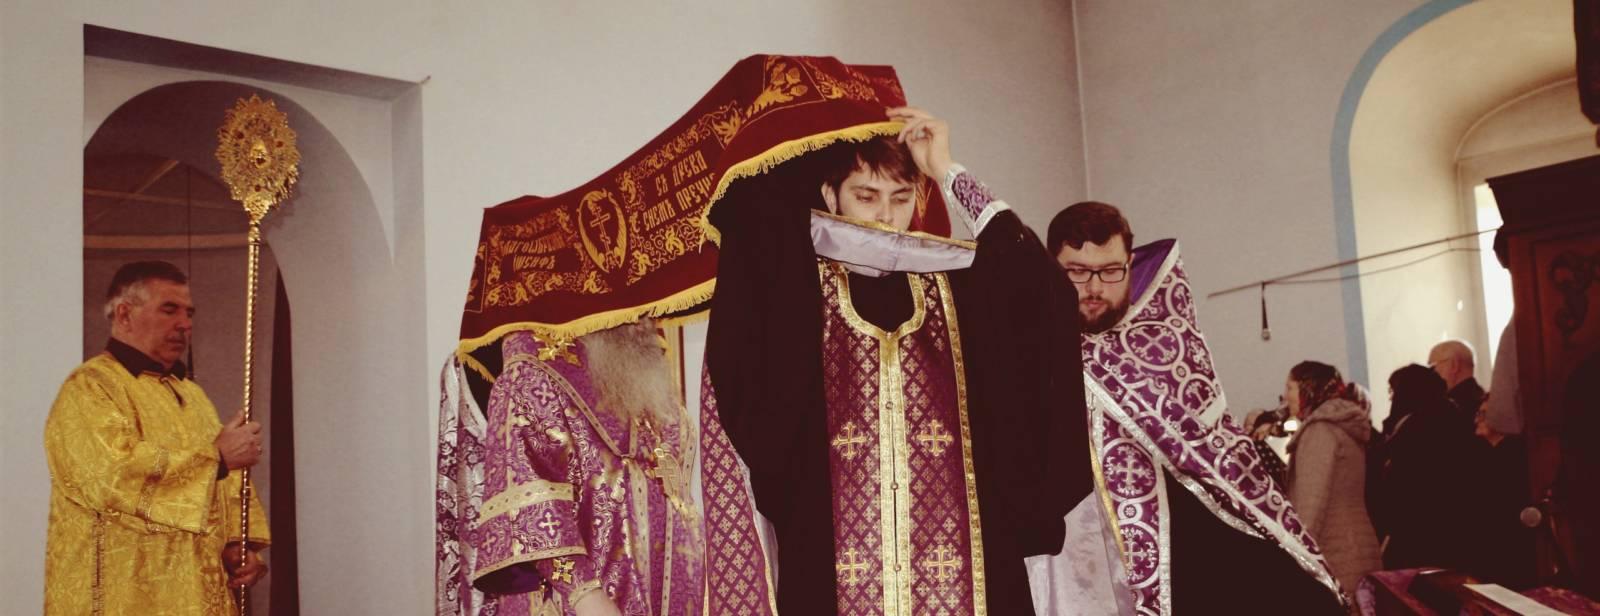 Вечерня Великой пятницы с выносом Святой Плащаницы в Покровском кафедральном соборе г. Урюпинска.